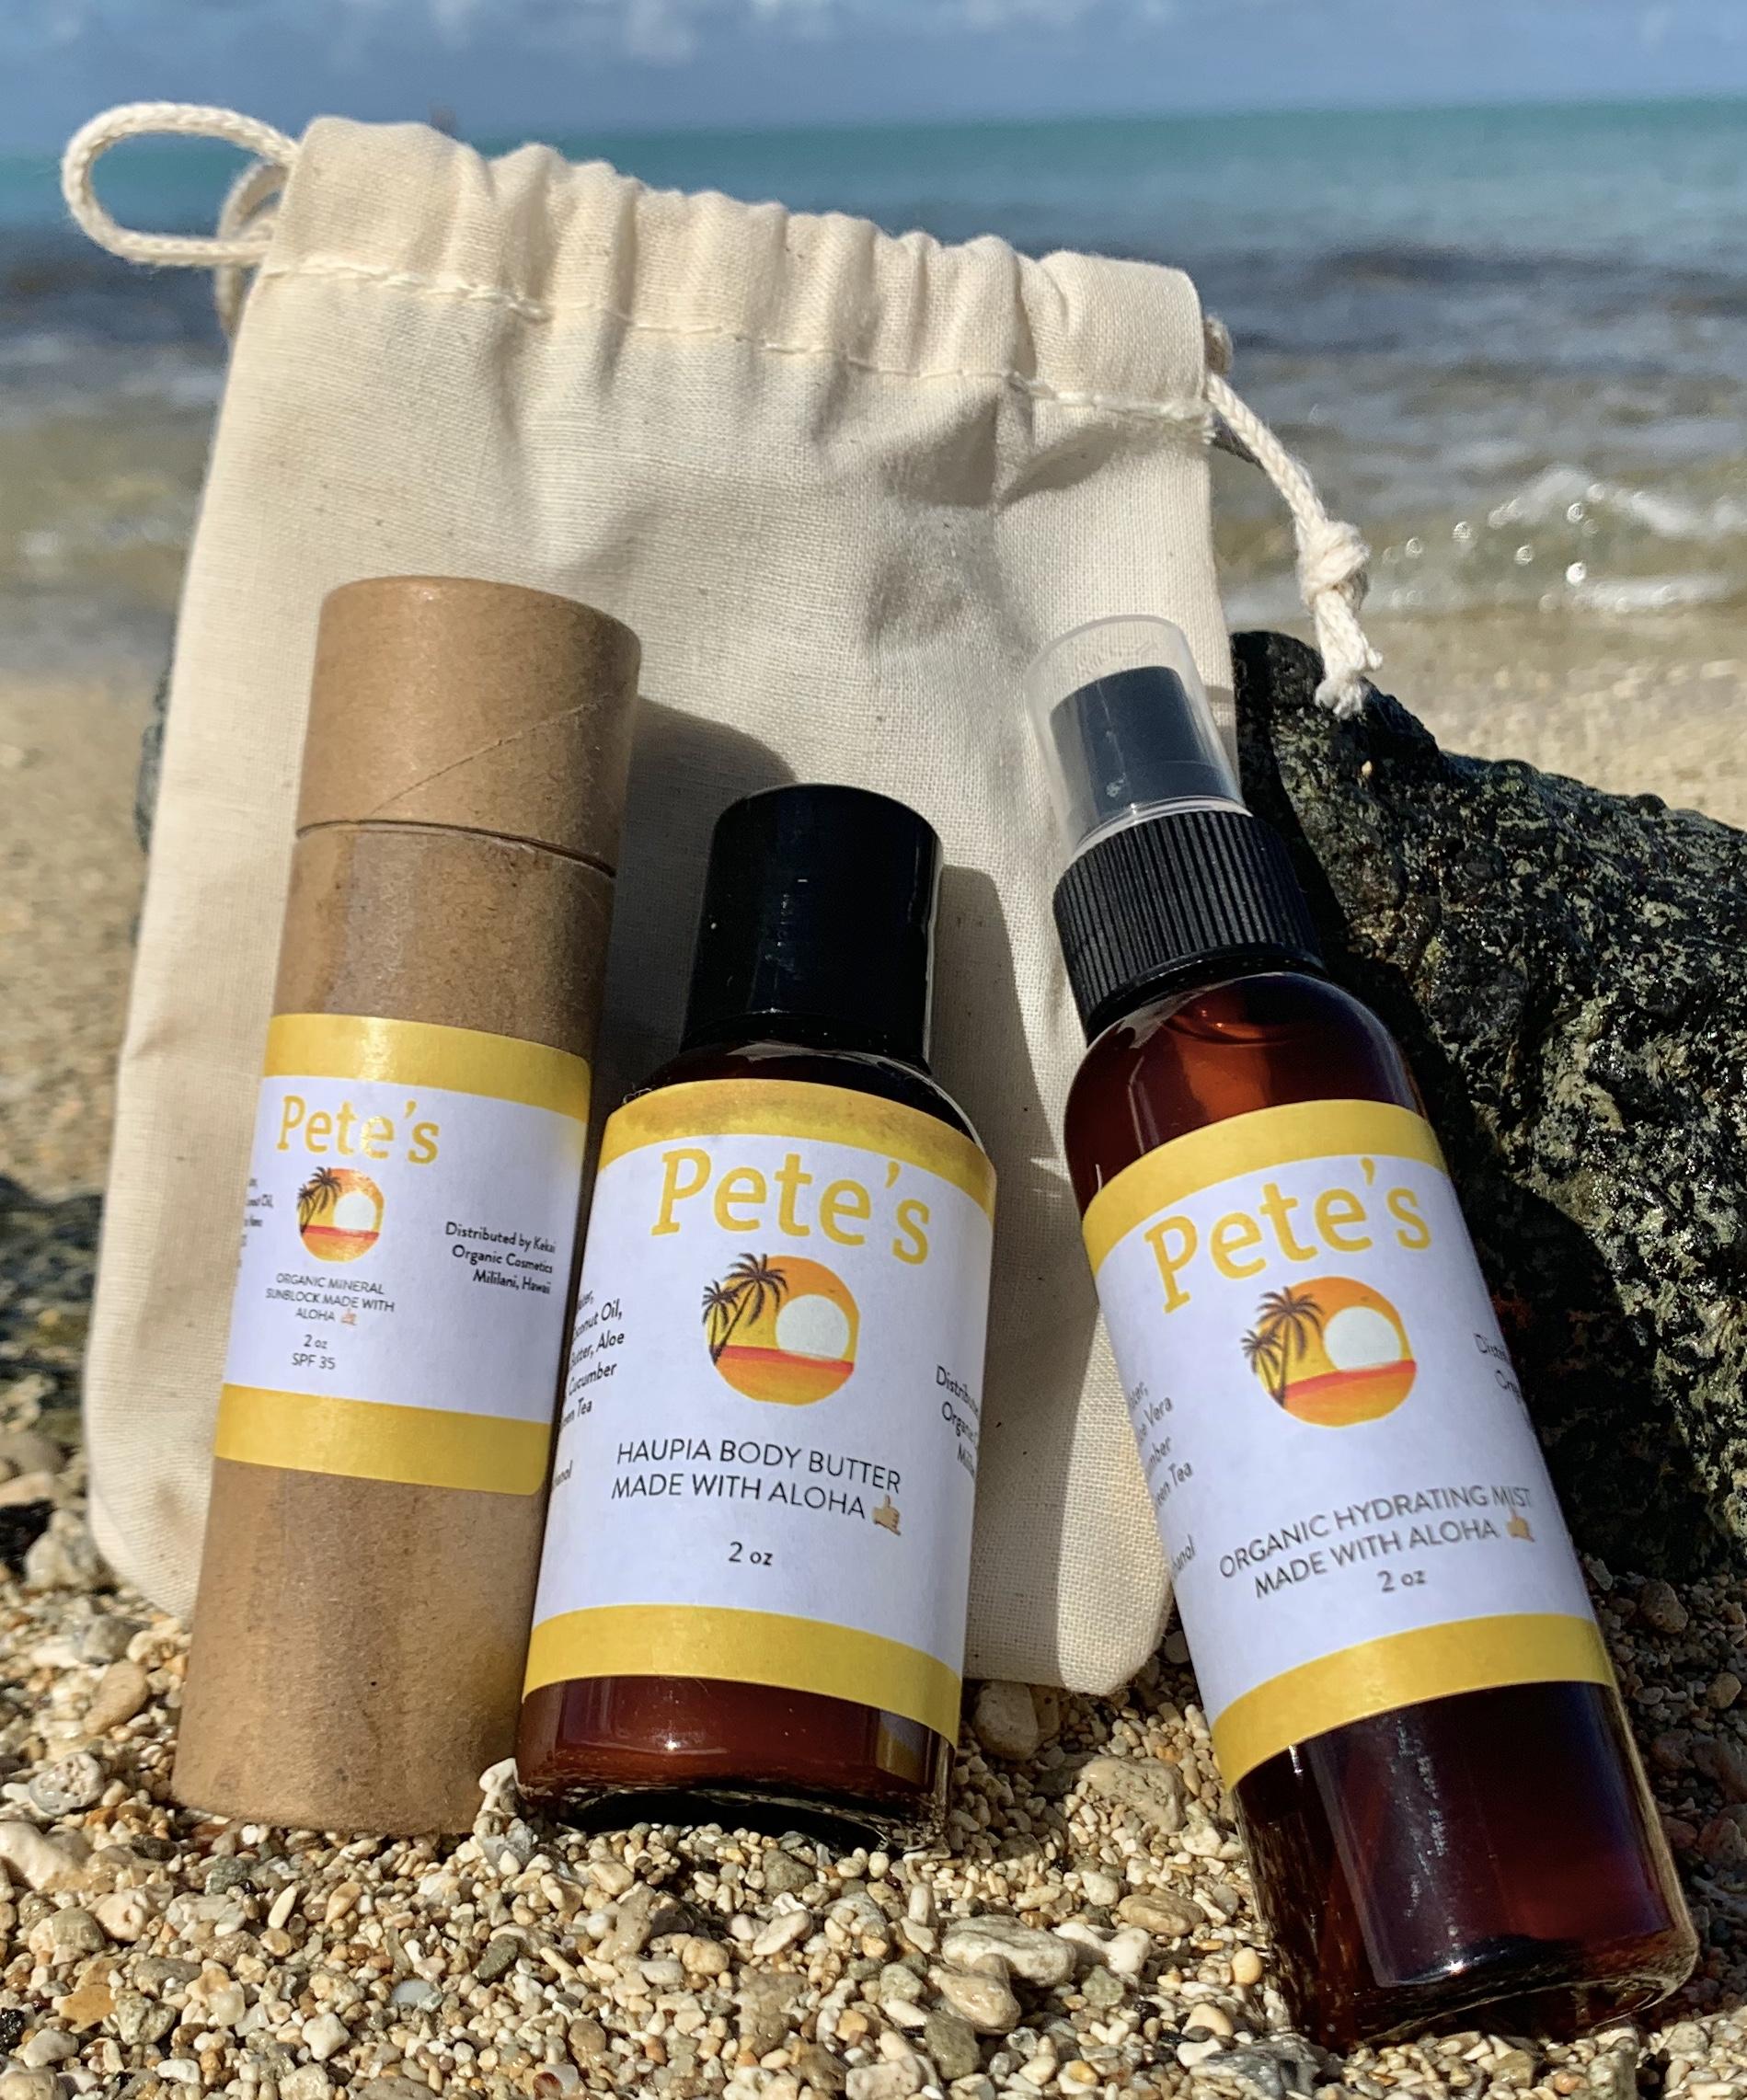 Sun Care - All natural no artificial color or fragrance, paraben free, no GMO